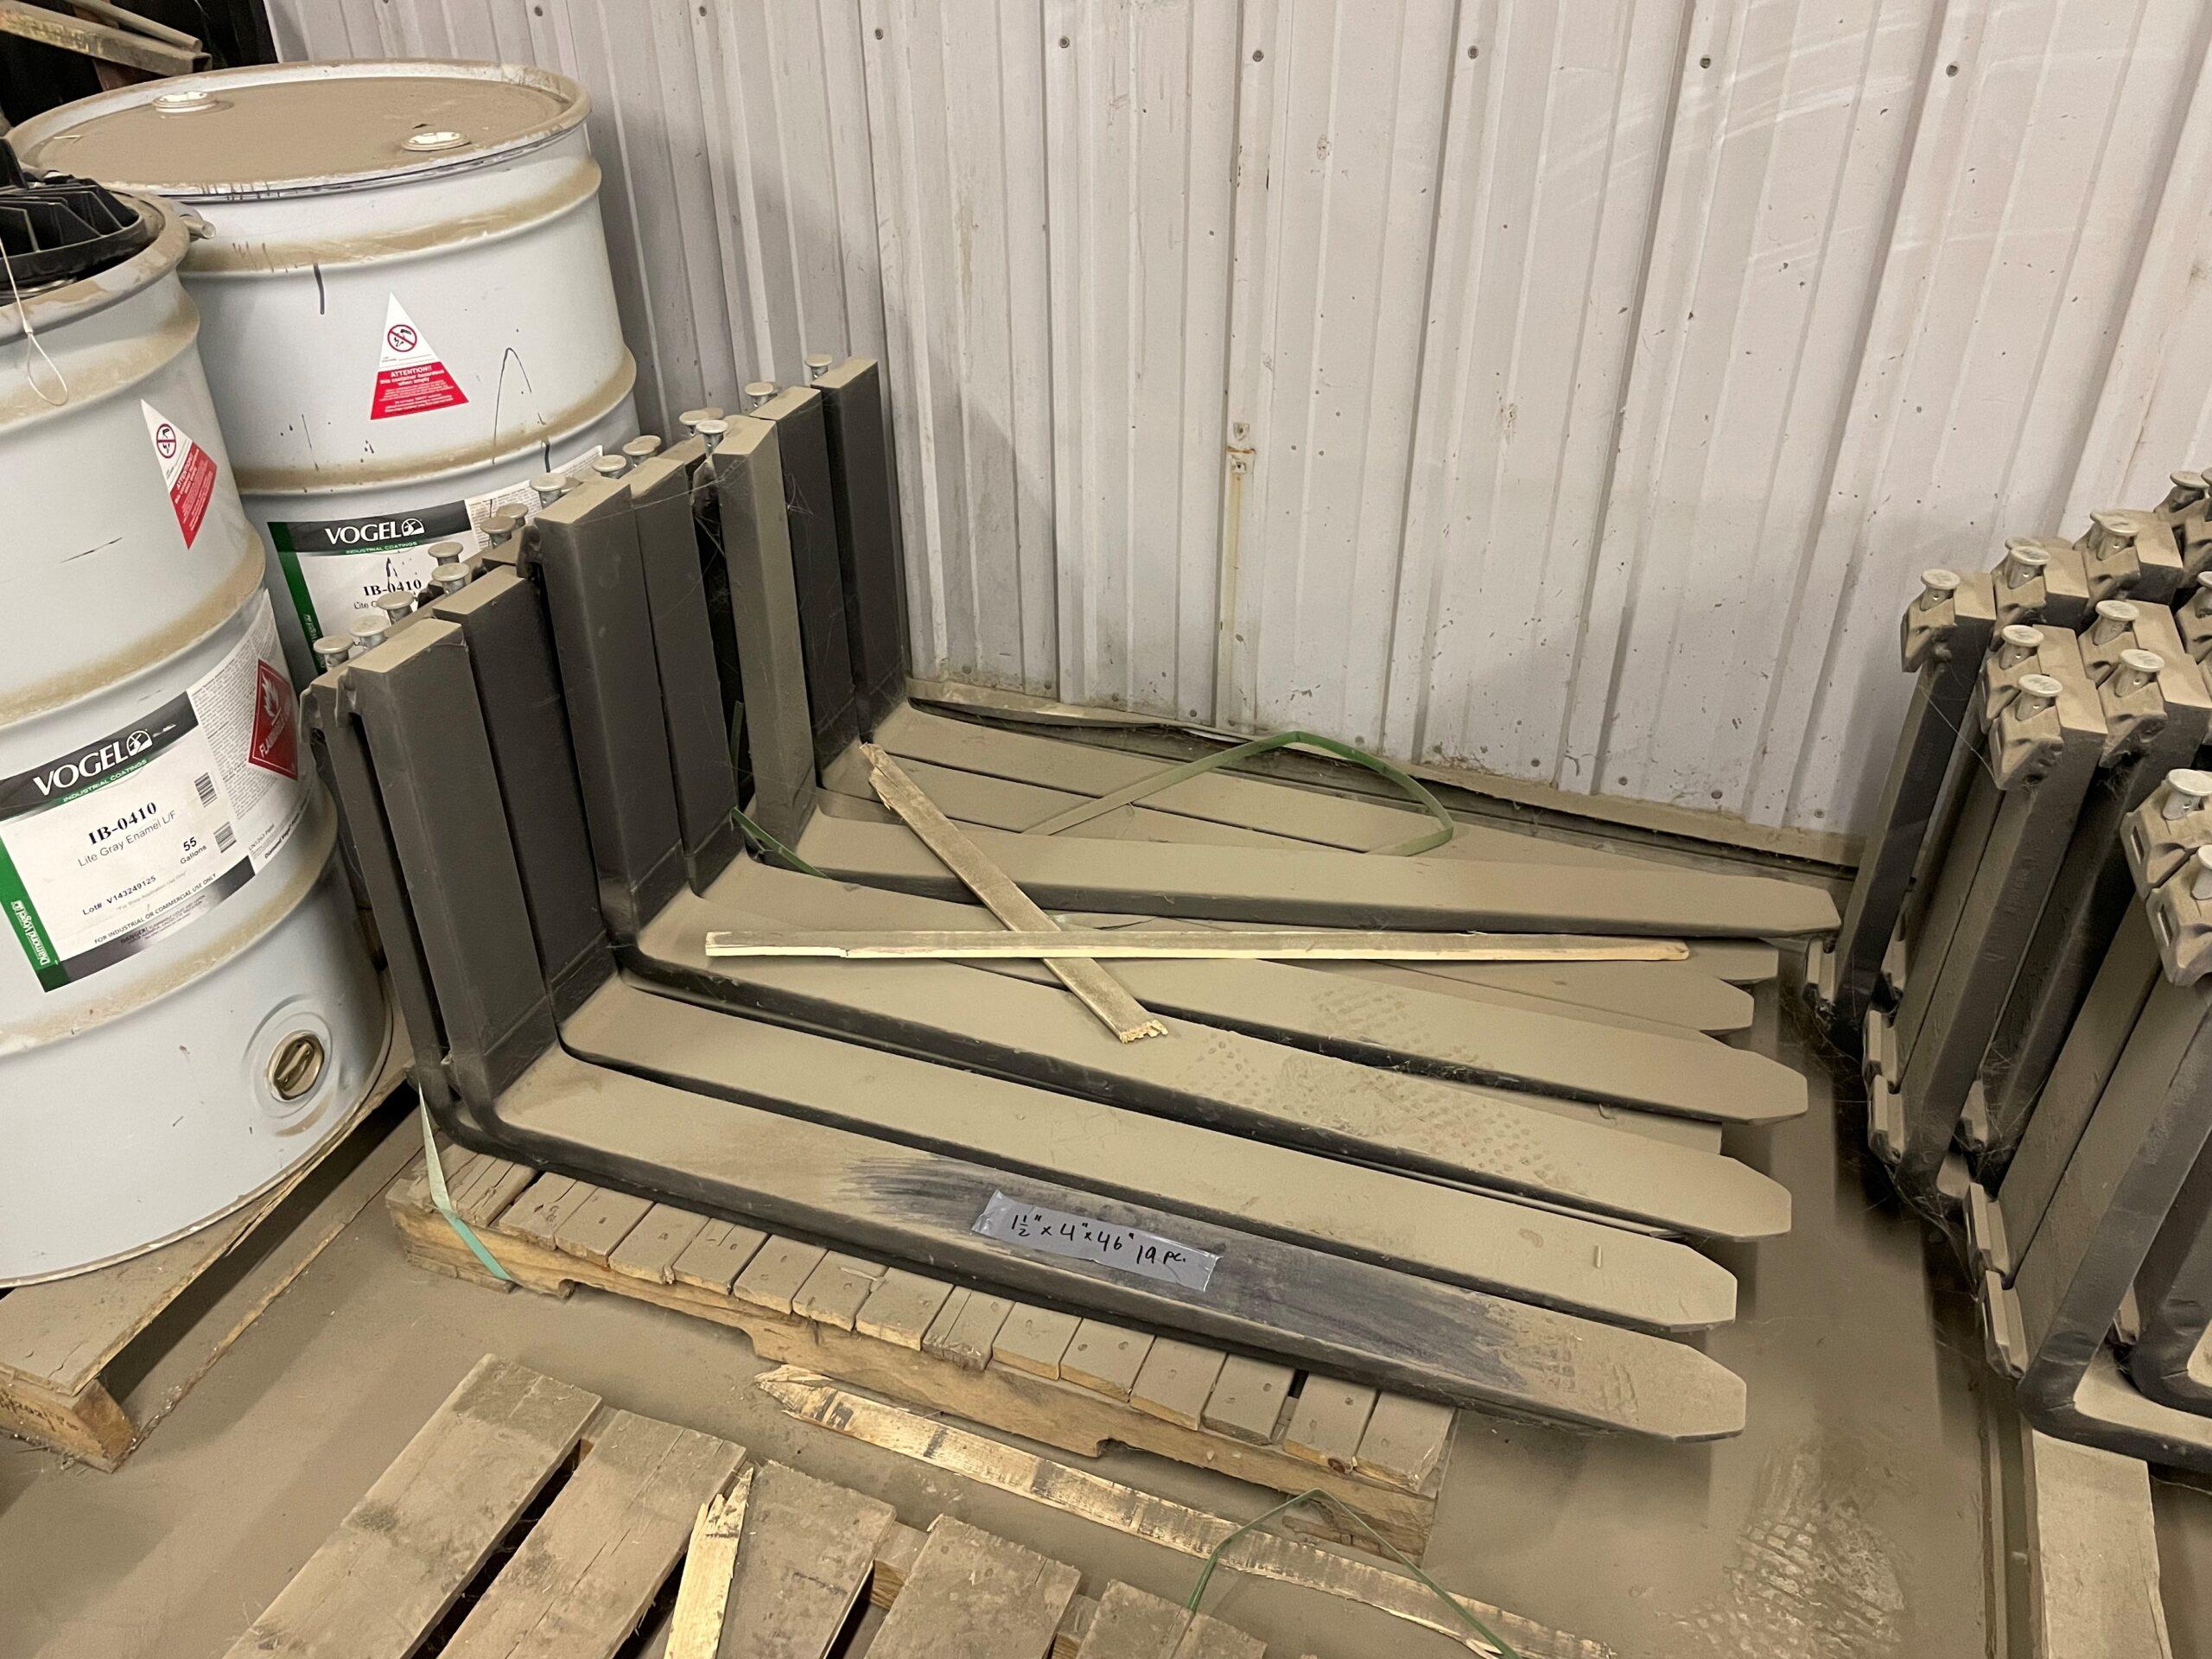 pallet fork surplus